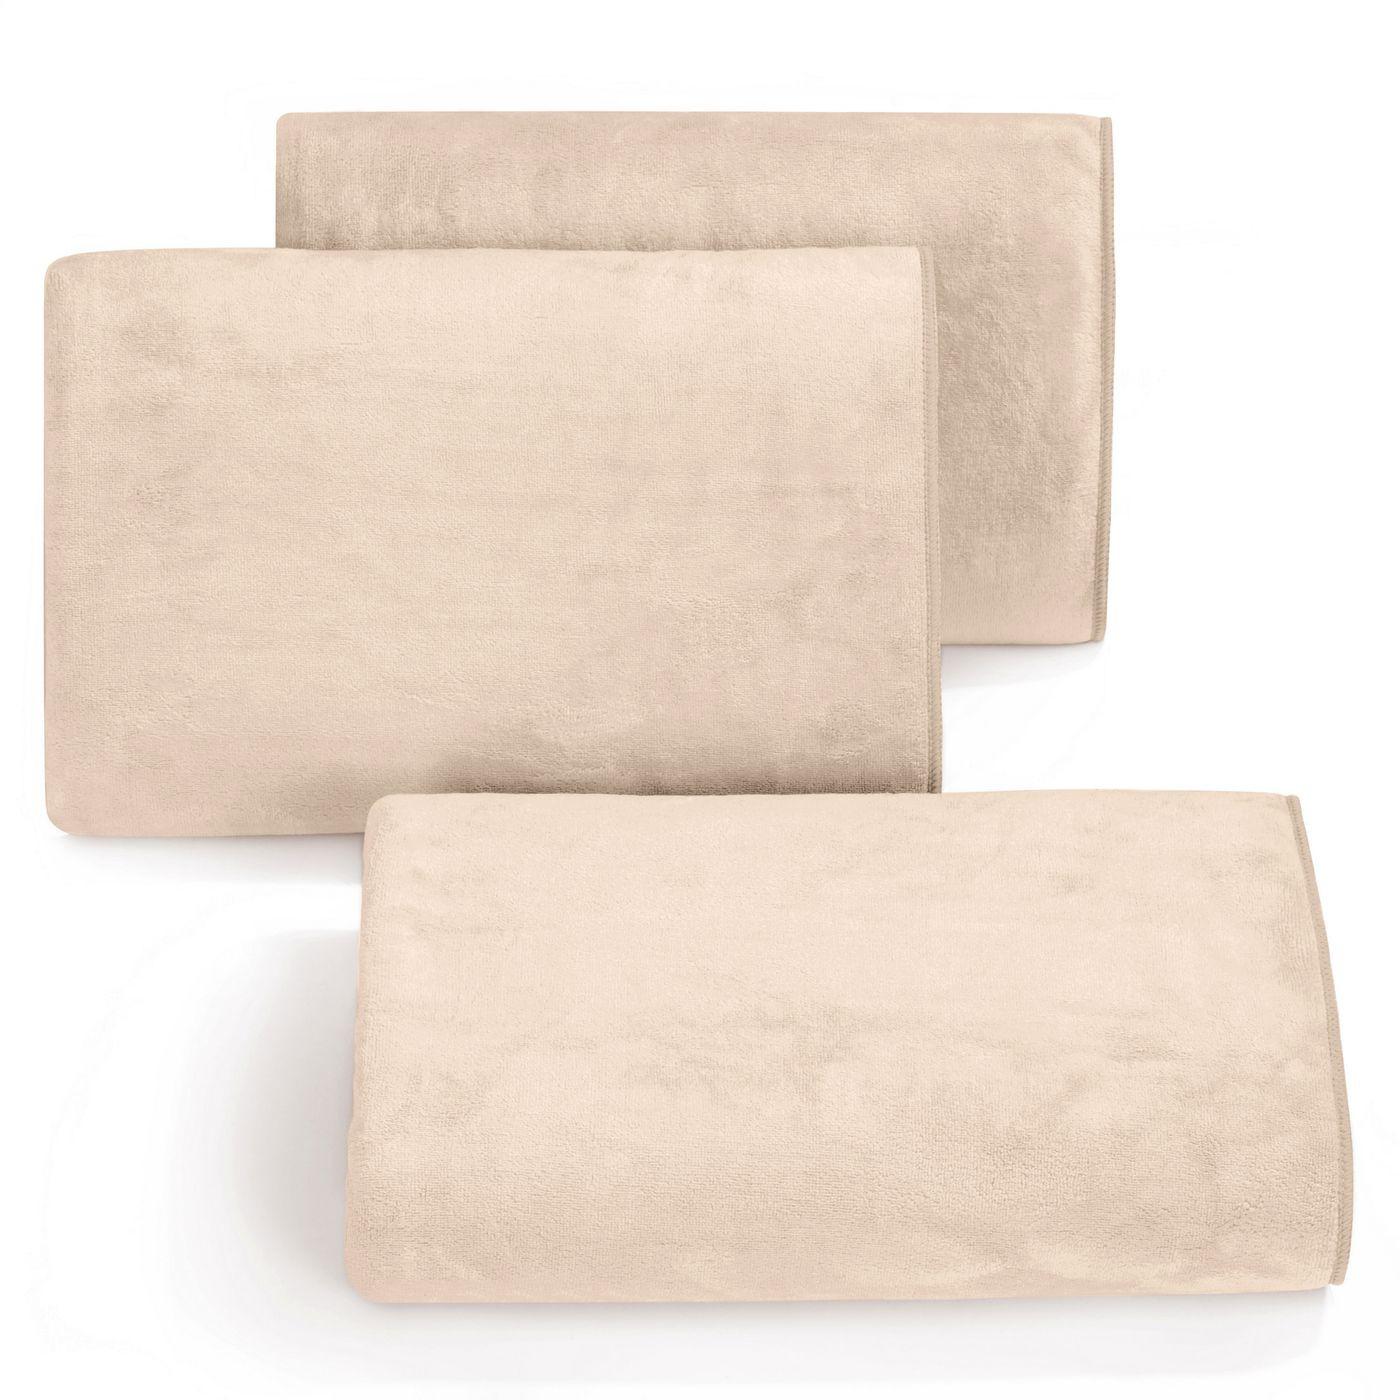 Ręcznik z mikrofibry szybkoschnący beżowy 70x140cm